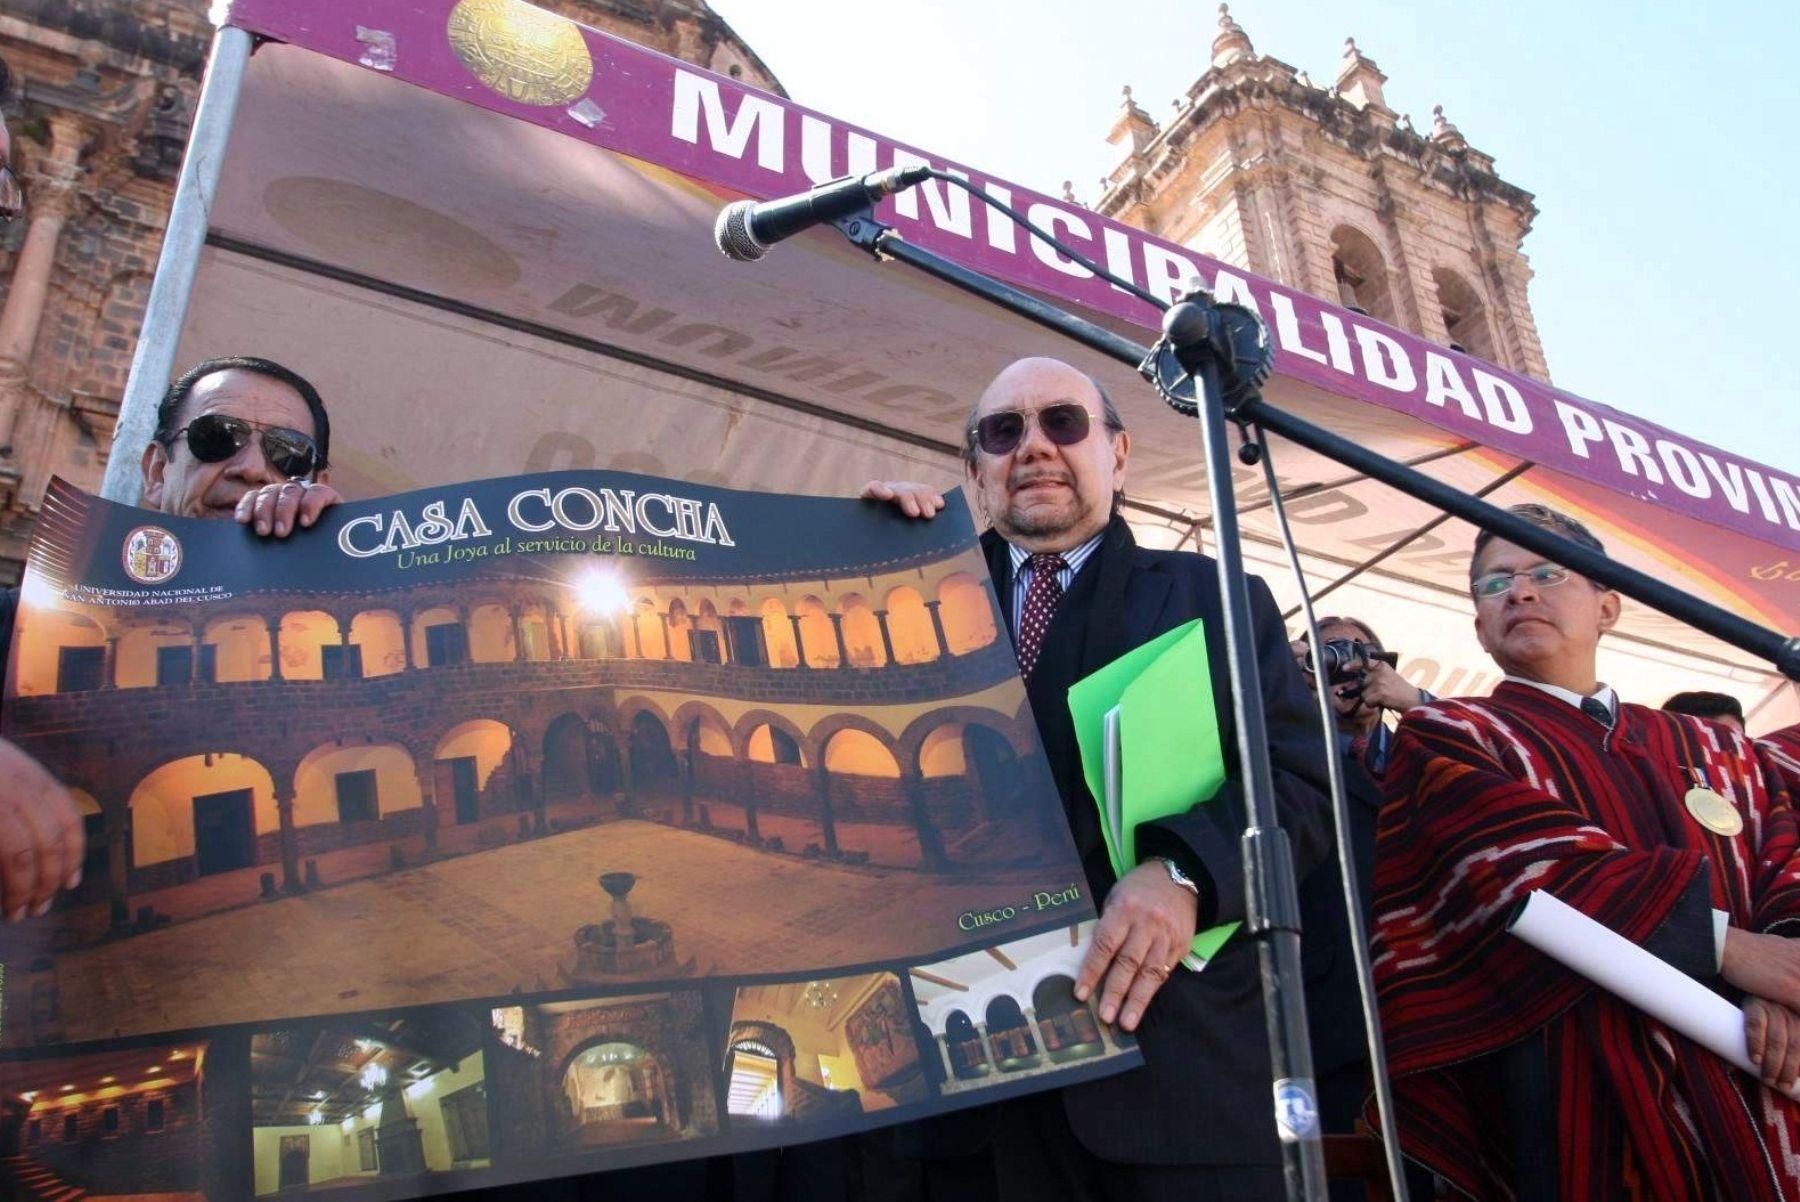 Piezas de Machu Picchu fueron llevadas a Cusco por el ministro de Cultura, Juan Ossio. Foto: ANDINA / Percy Hurtado.